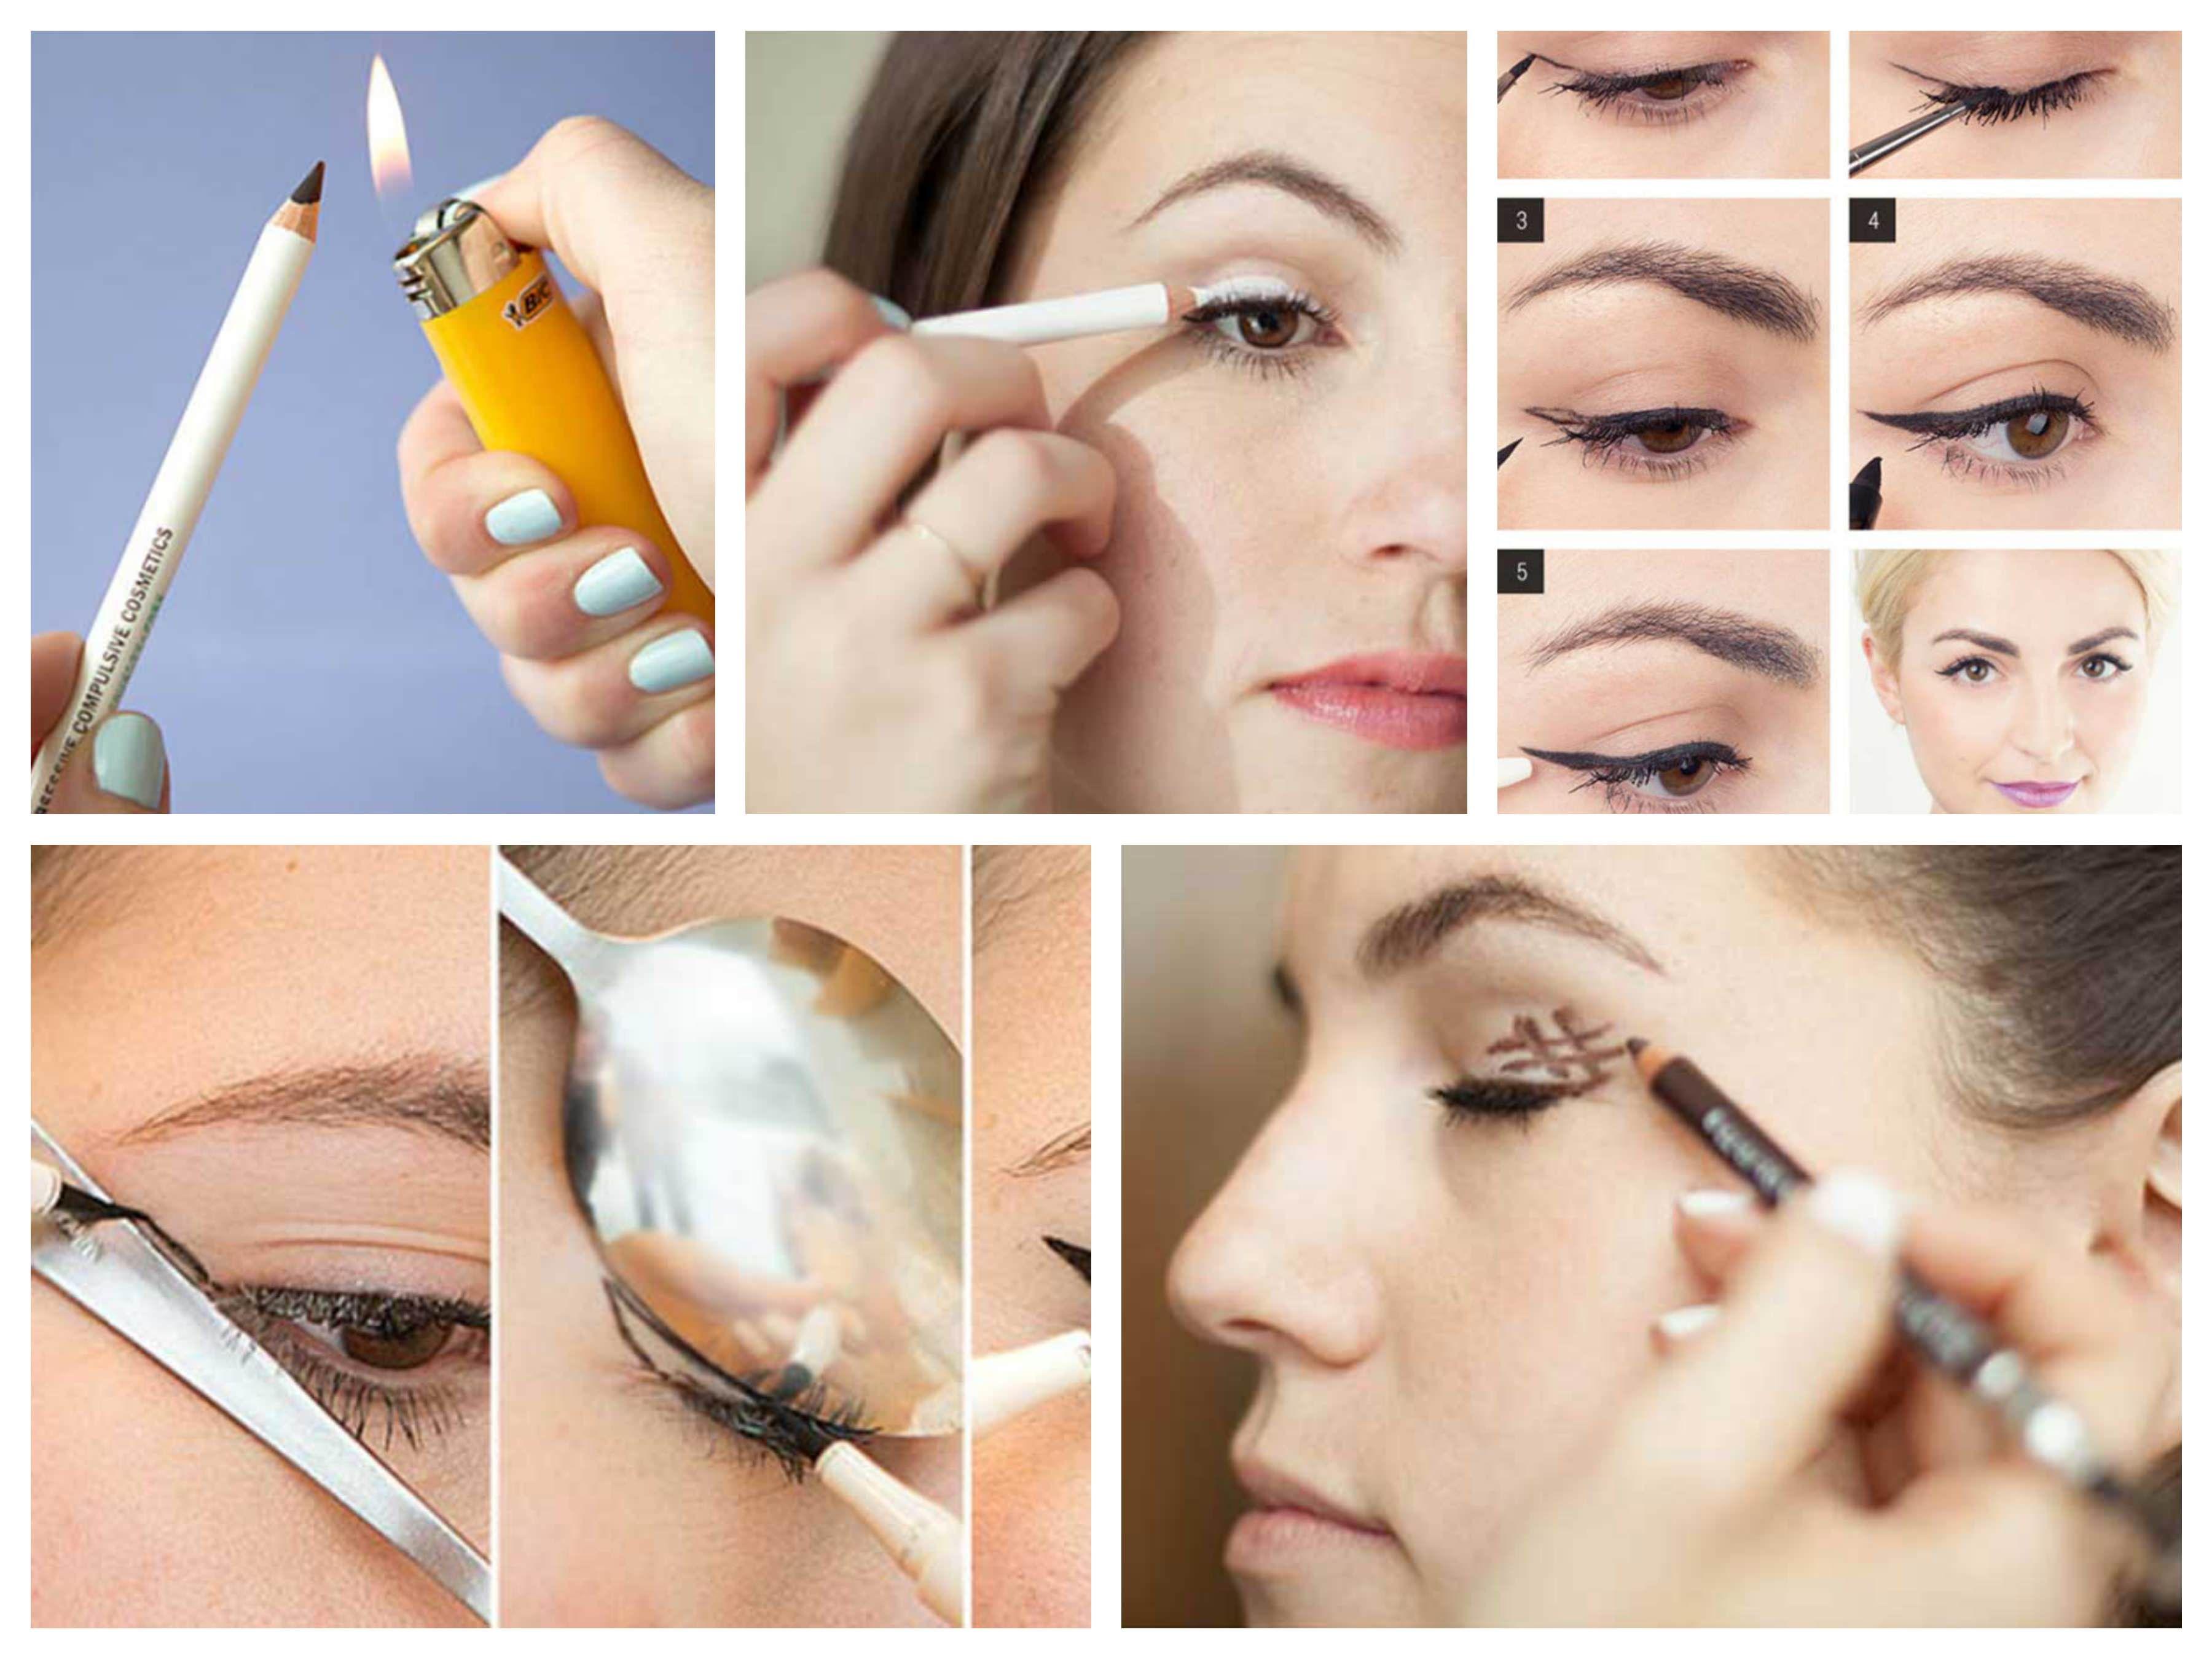 Los 10 Trucos de Maquillaje, que debes conocer. Parte 1 – Soy Moda